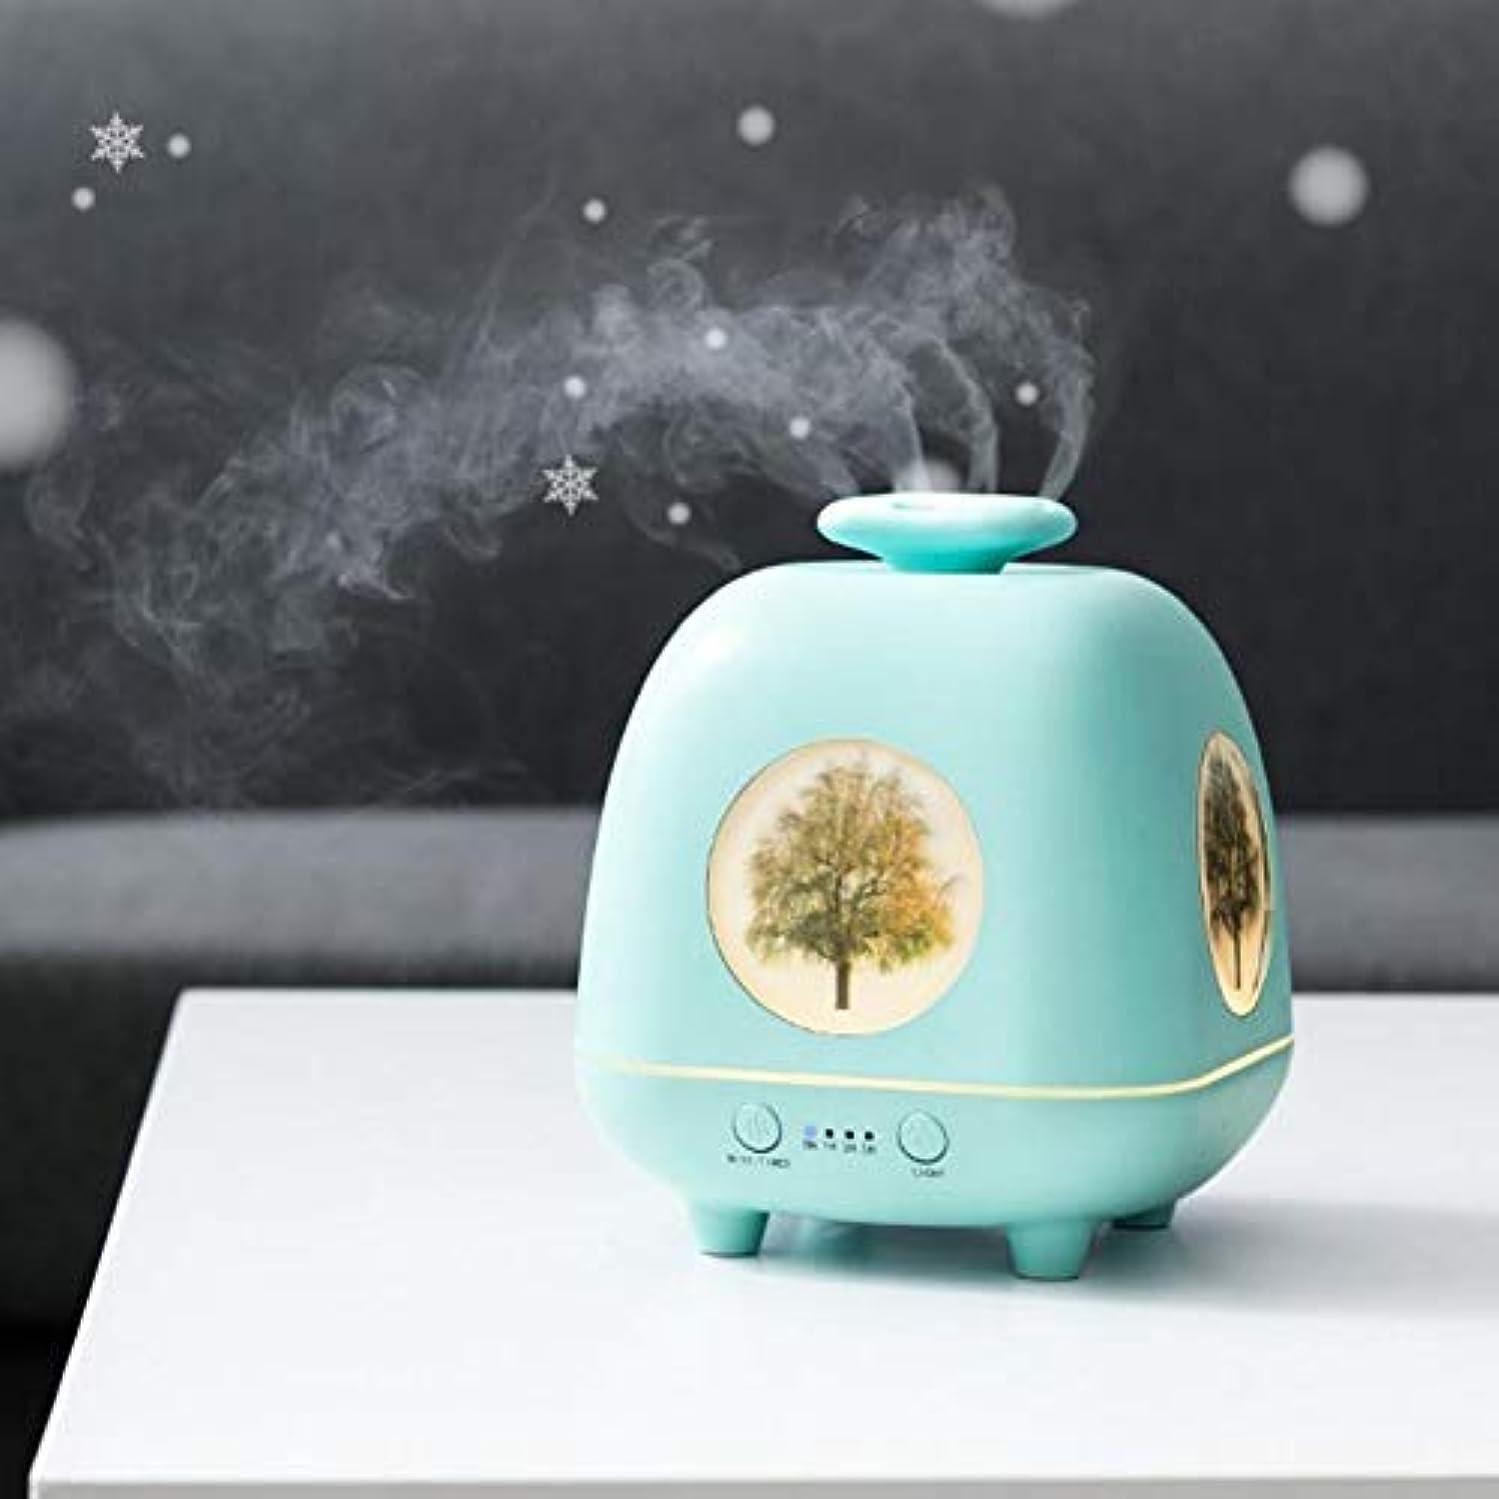 涼しい霧 香り 精油 ディフューザー,7 色 空気を浄化 4穴ノズル 加湿器 時間 加湿機 ホーム Yoga デスク オフィス ベッド-青 230ml